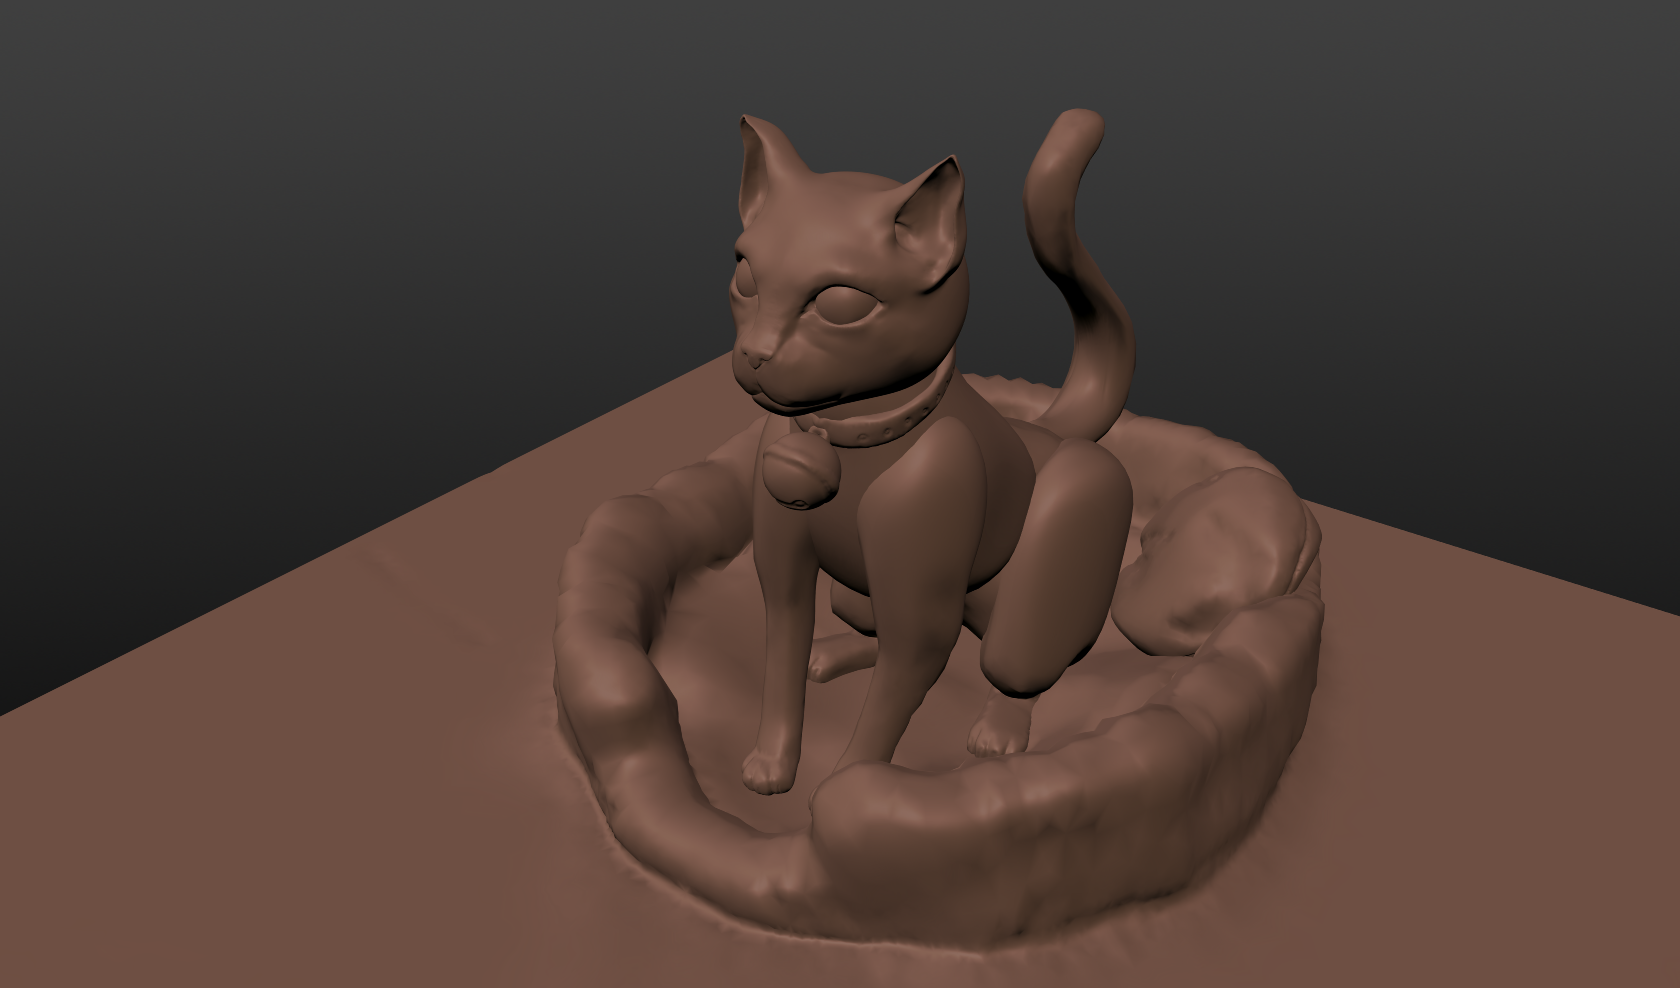 3D Kitty - My first 3D art ever